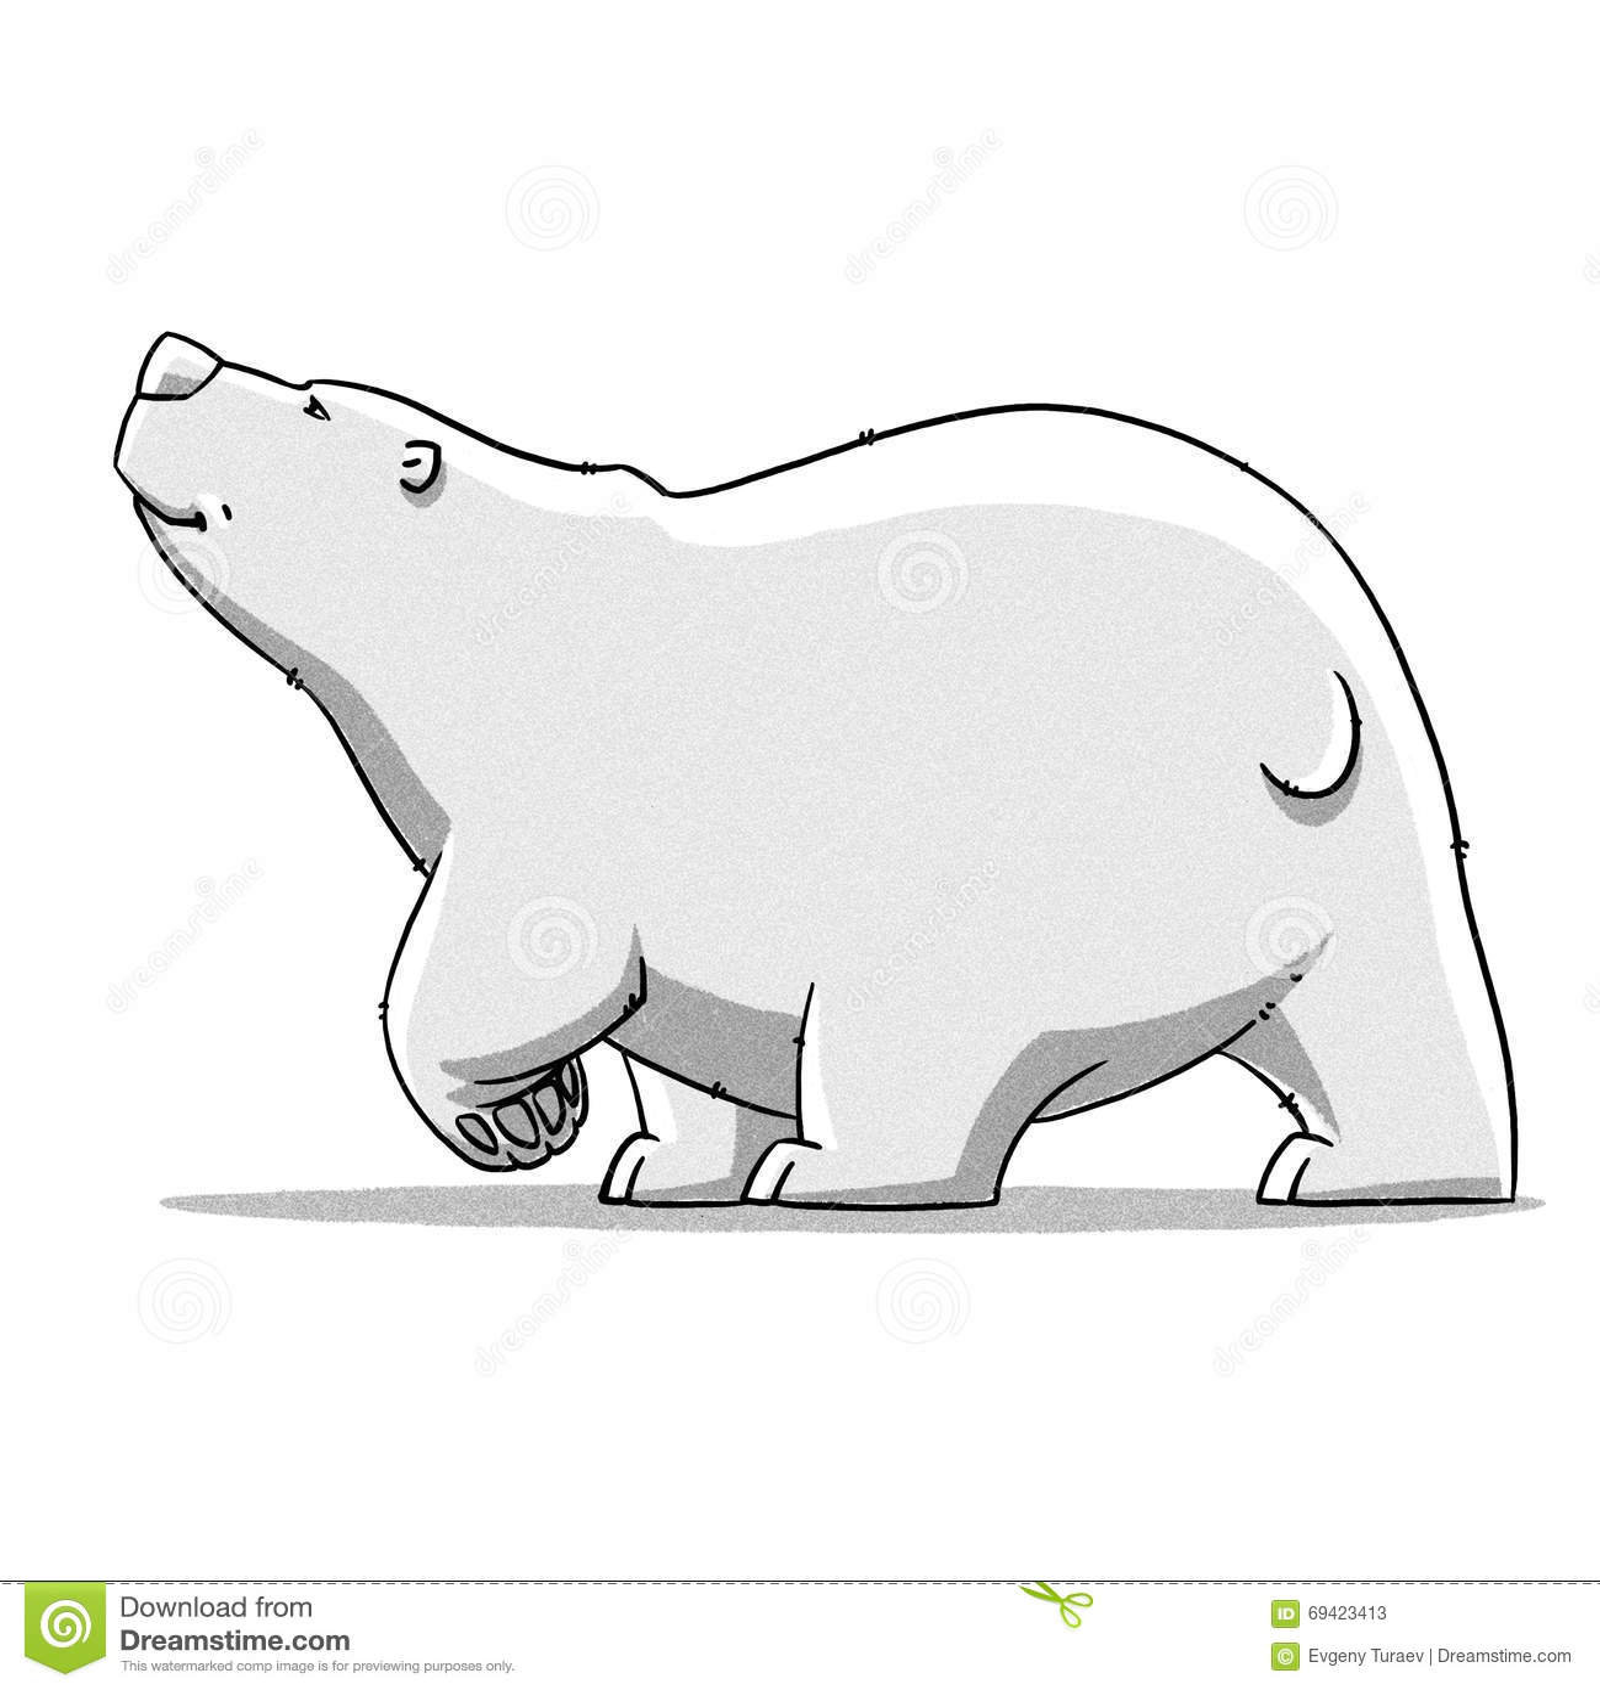 funny cartoon cute bear illustration stock illustration